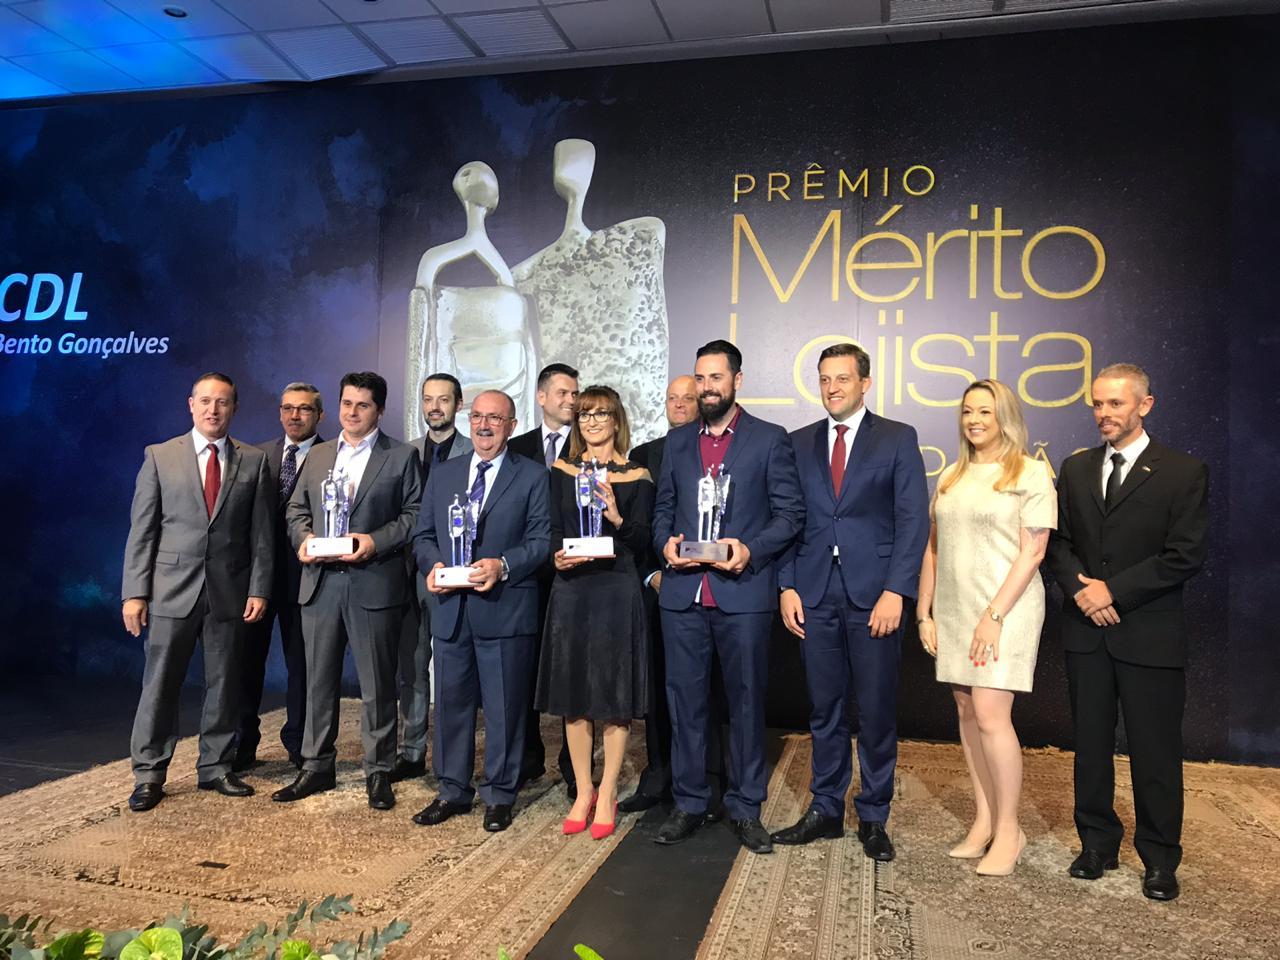 caita_supermercados_premio_merito_logista_bento_01